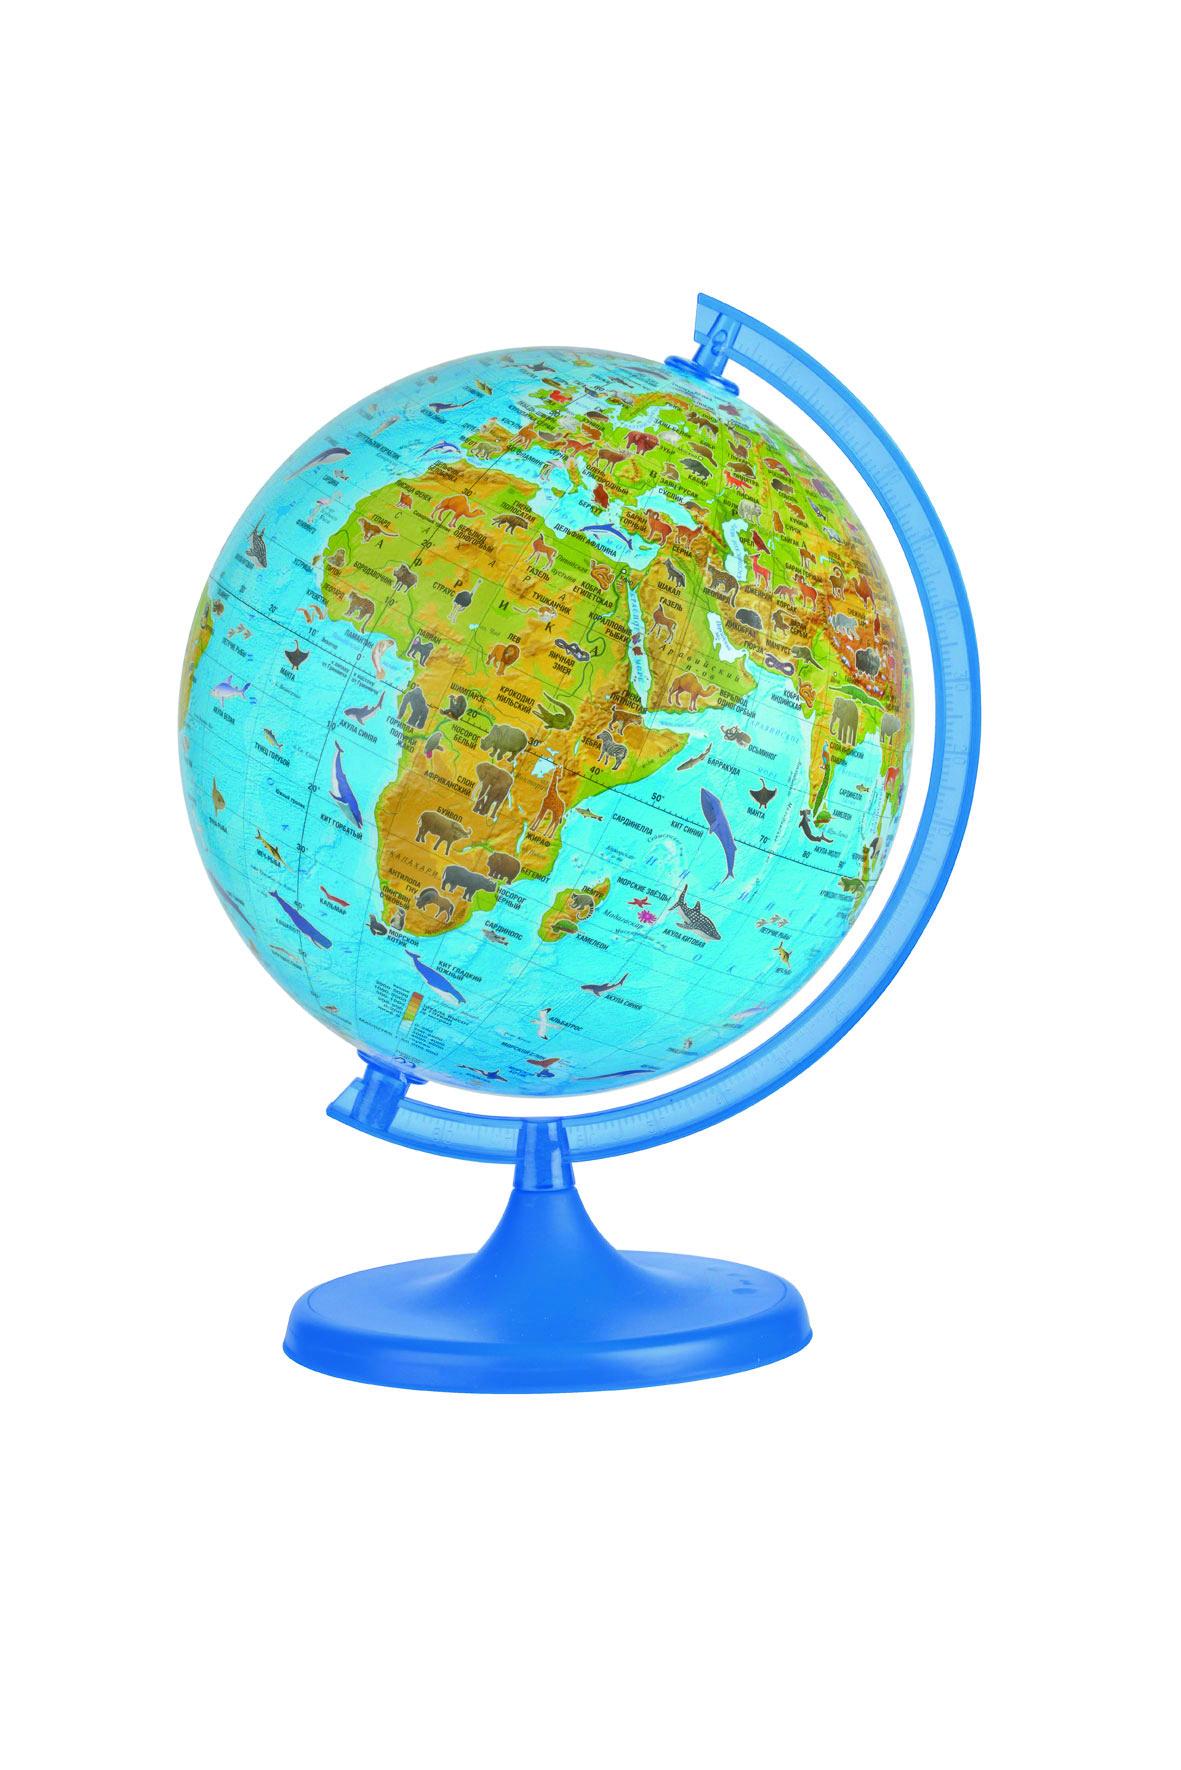 """Глобус """"DMB"""", с зоологической картой мира, диаметр 22 см + Мини-энциклопедия """"Животный Мир Земли"""" ОСН1224110"""